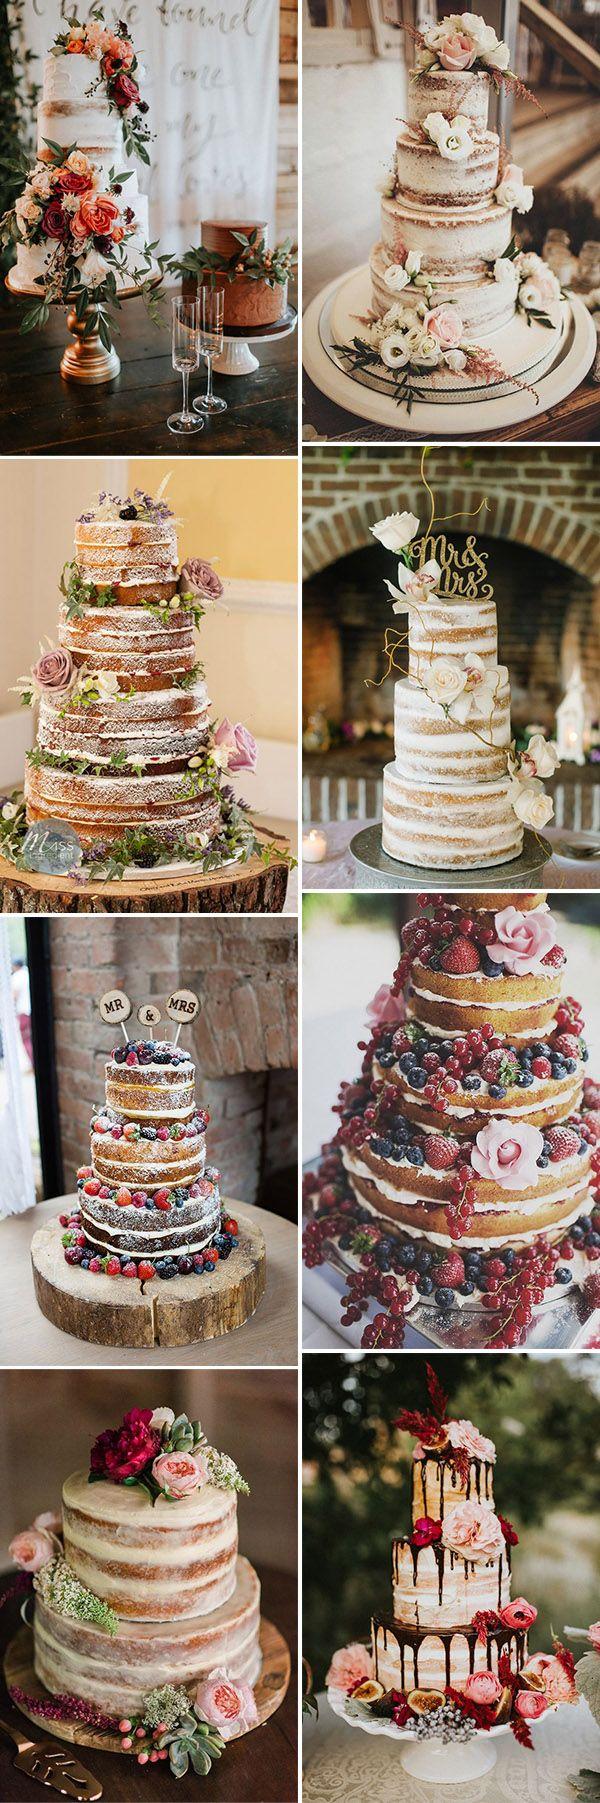 stunning naked wedding cakes